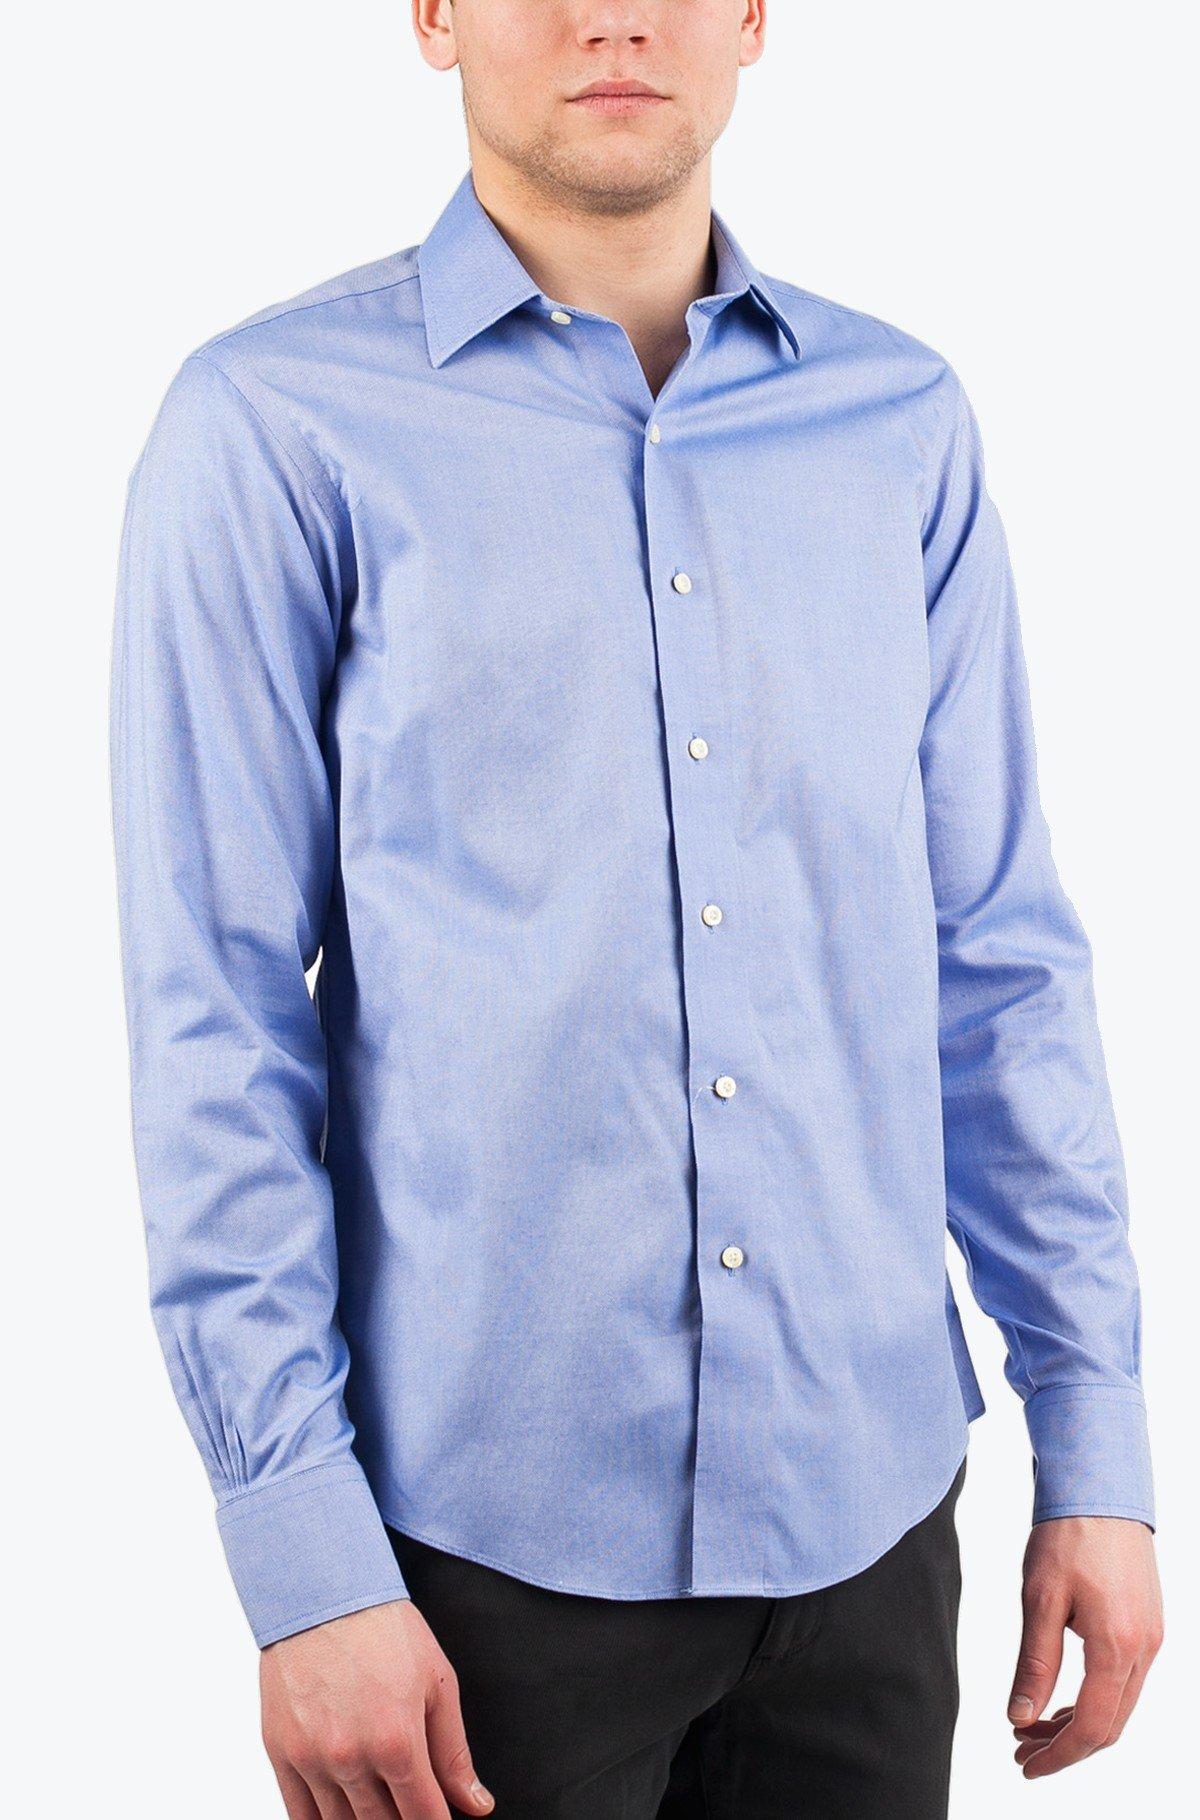 Marškiniai 00015310-full-1